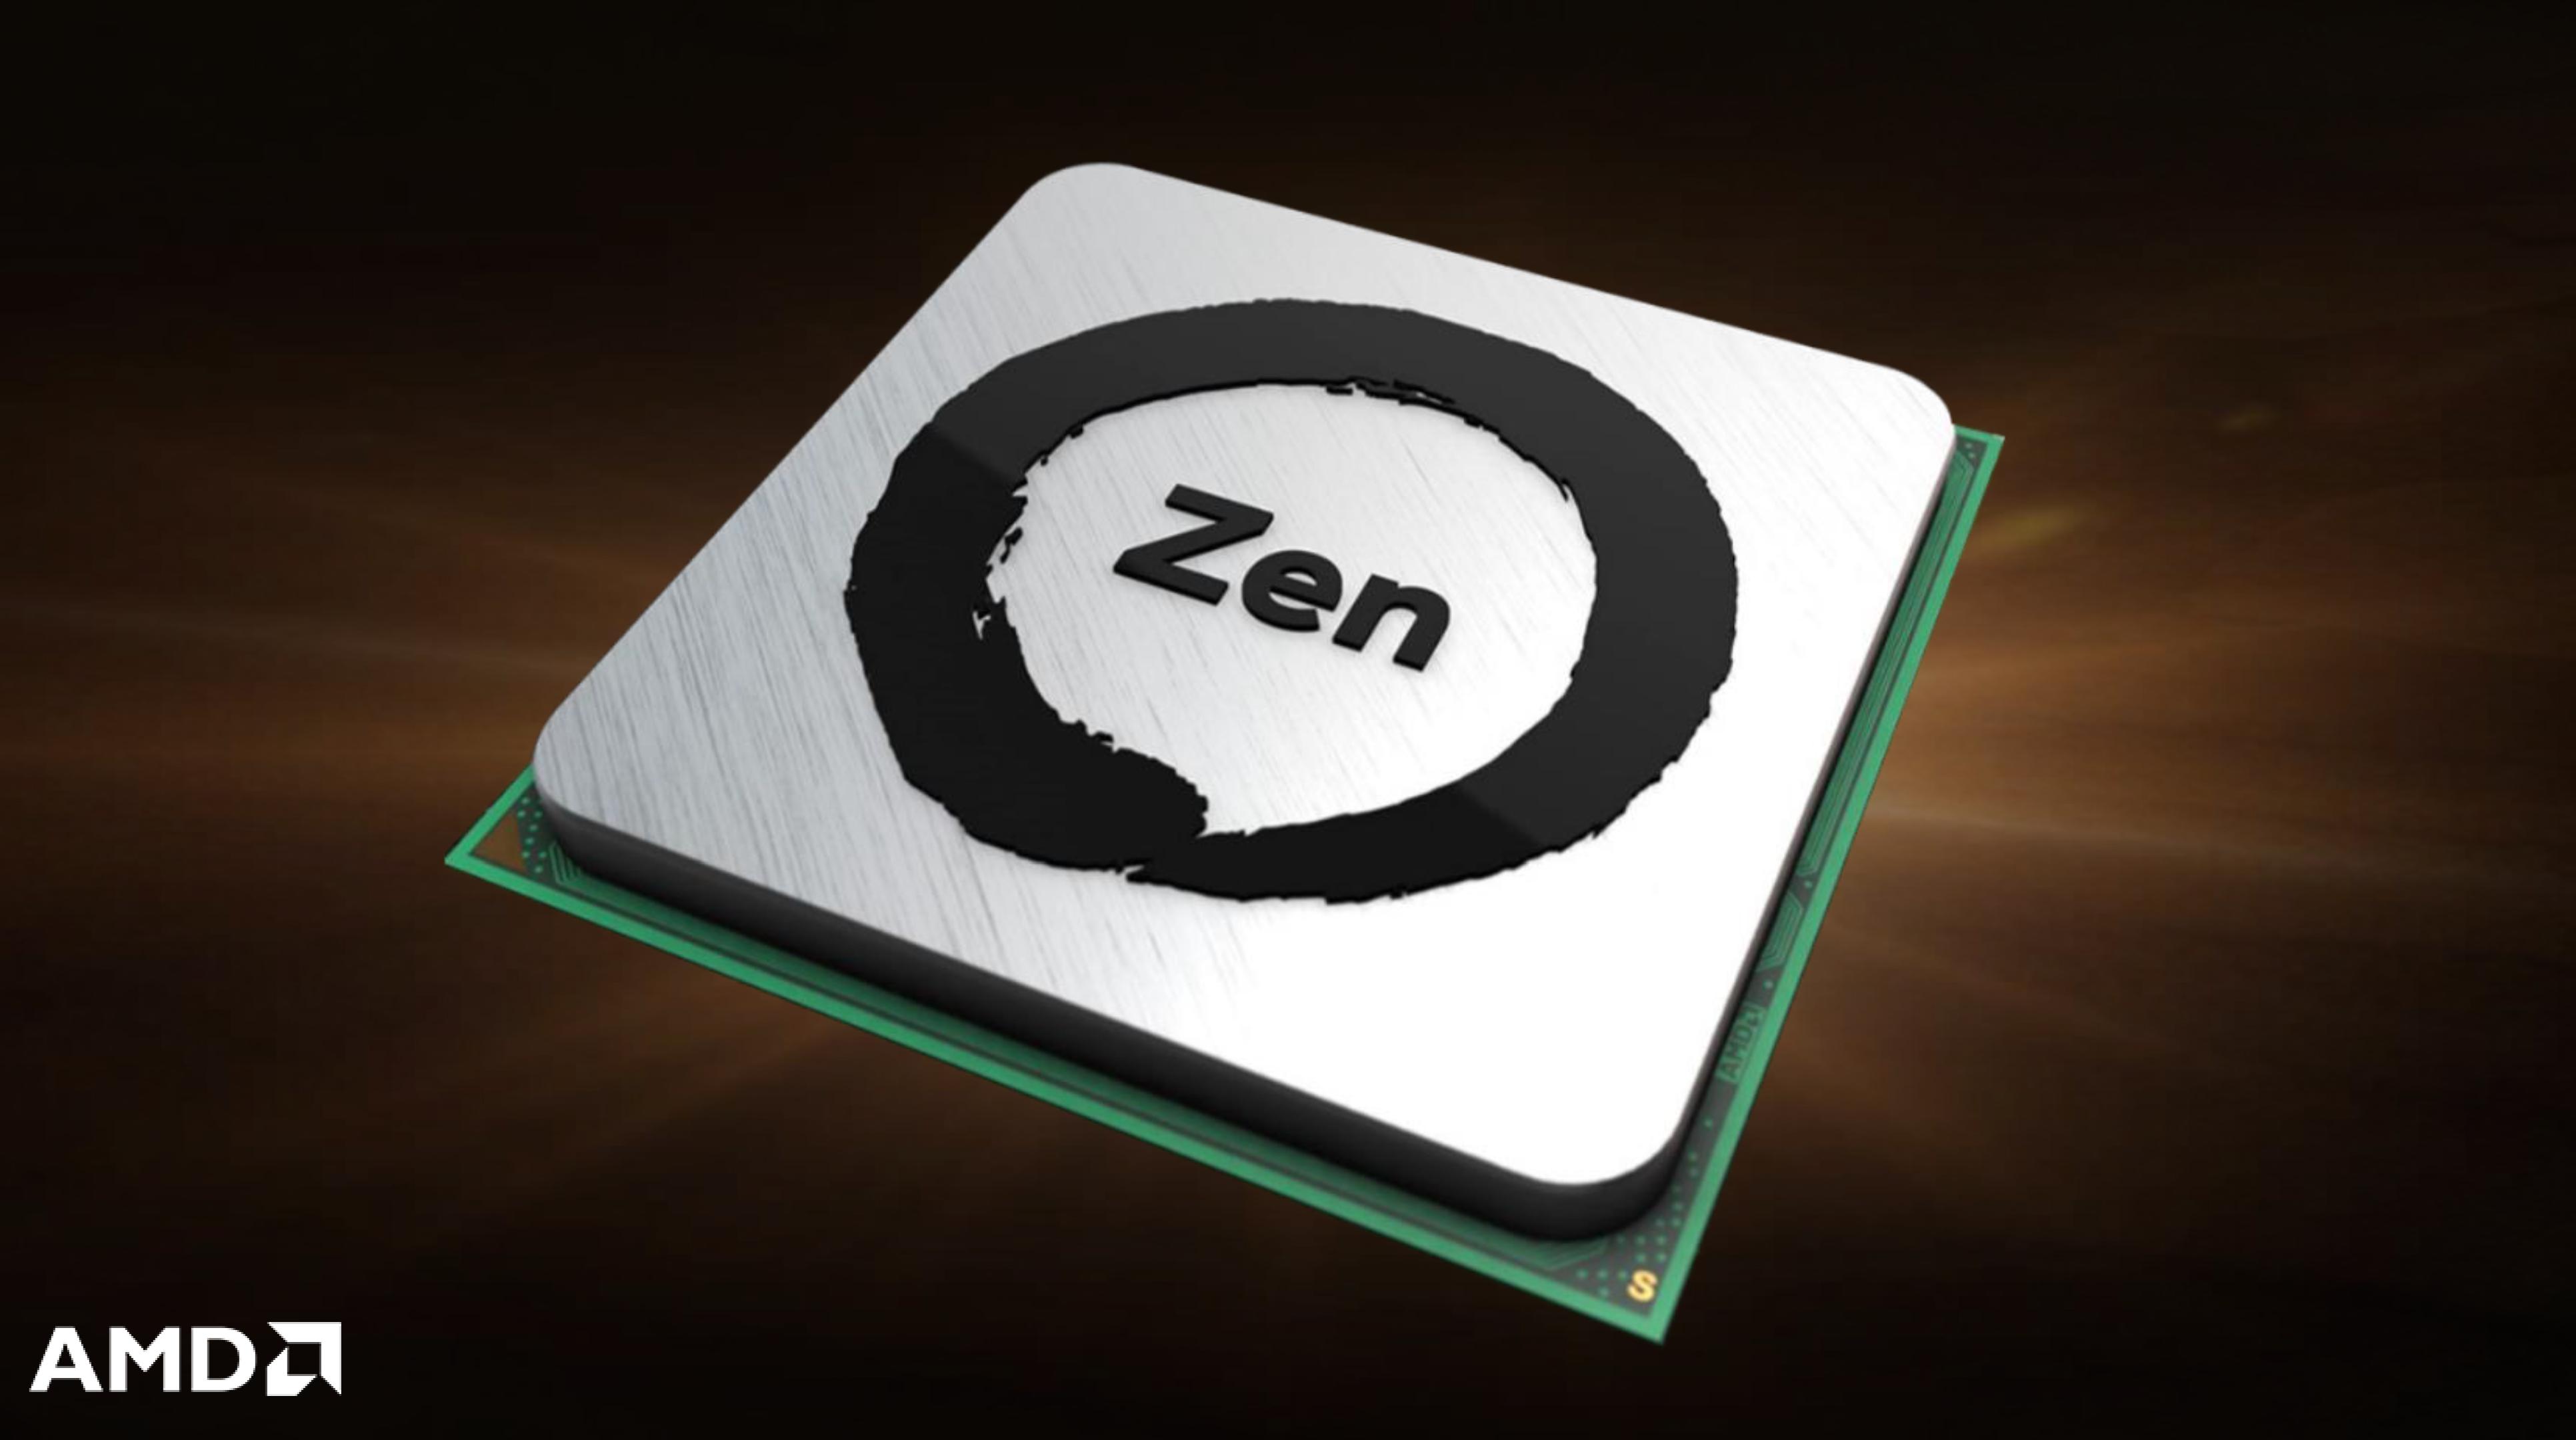 سوکت پردازنده AM4 باقی خواهد ماند؛ AMD برای سال 2018 و 2019 پردازندهای جدیدی دارد!